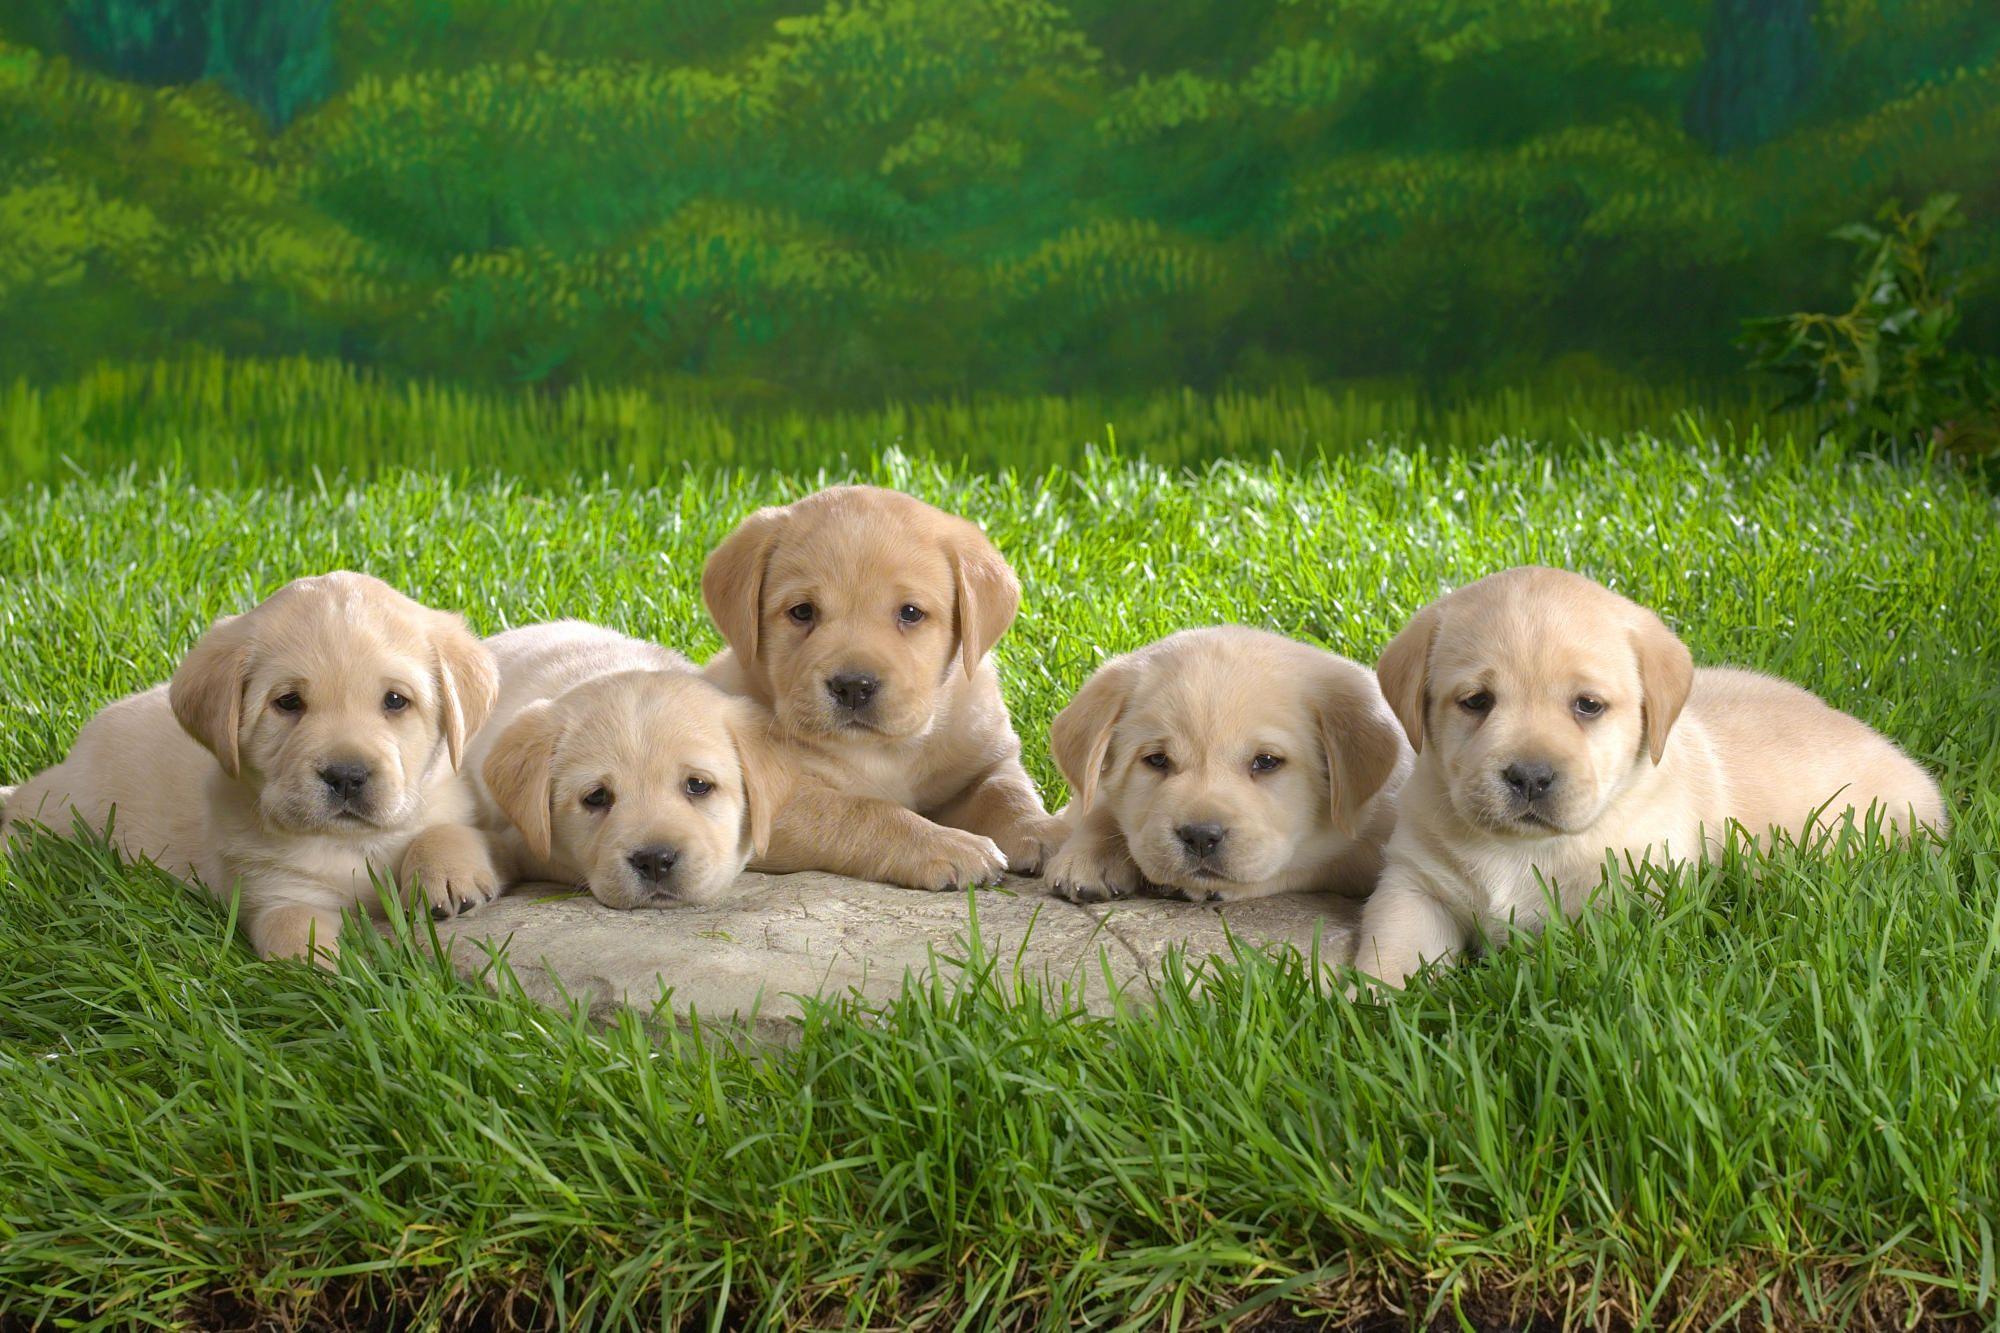 Cutedog Cutedogs Fordirtydogs Organicdogshampoo Dogshampoo